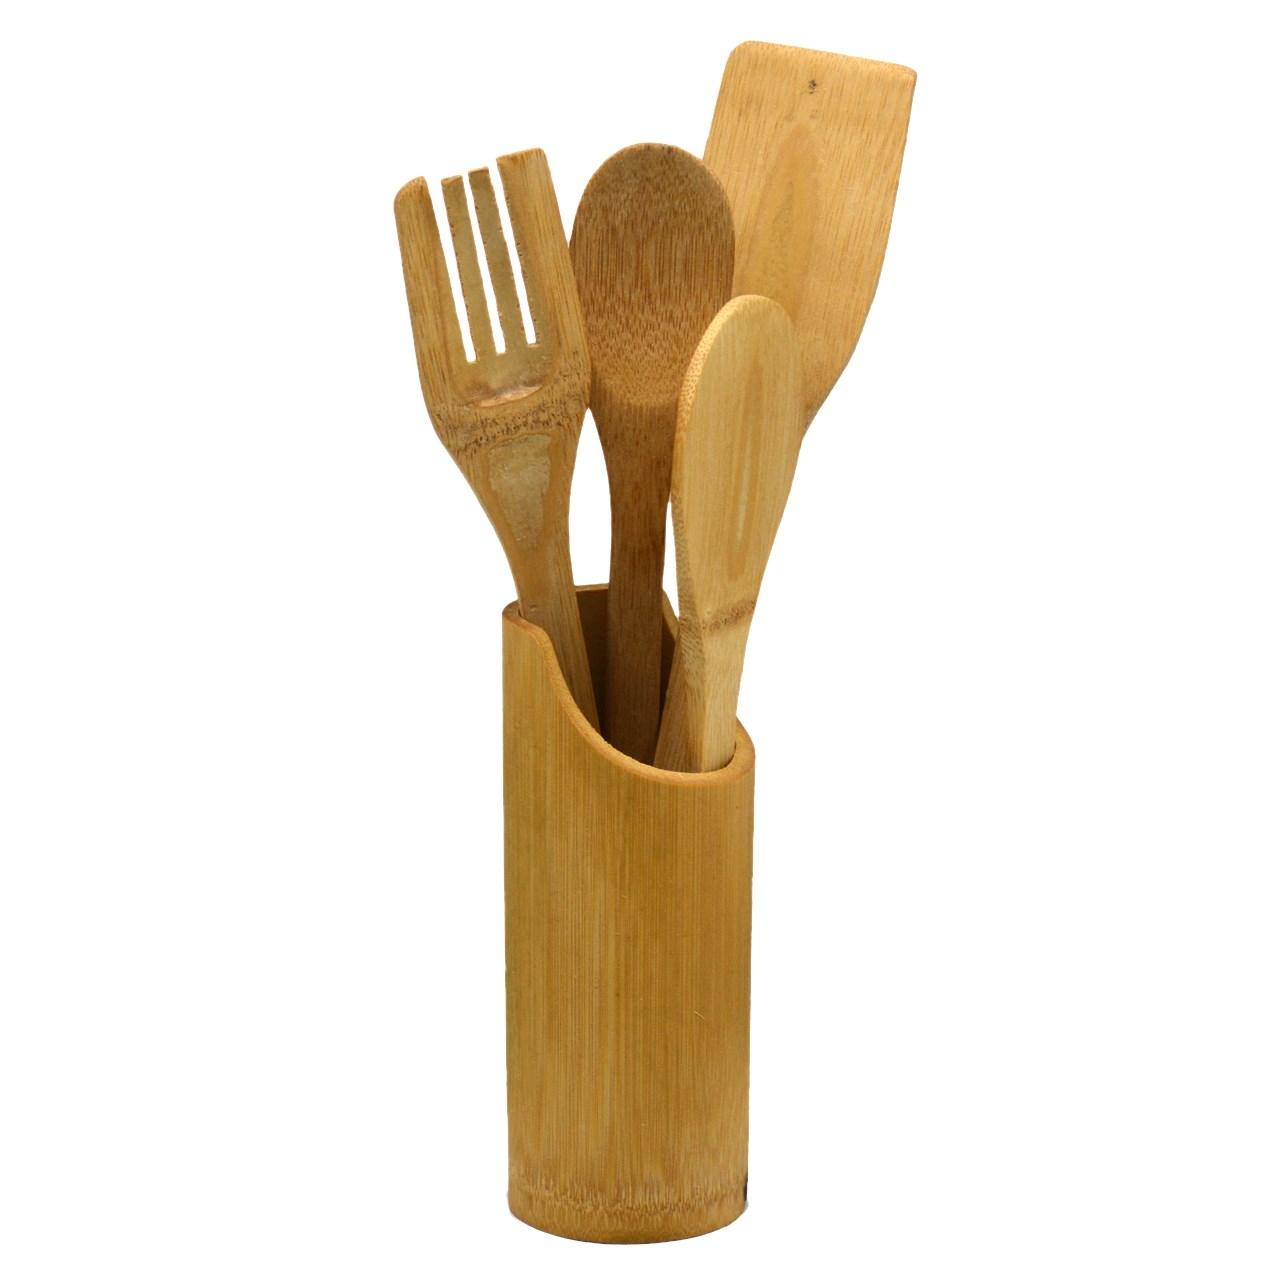 ابزار آشپزی  بامبو کد001